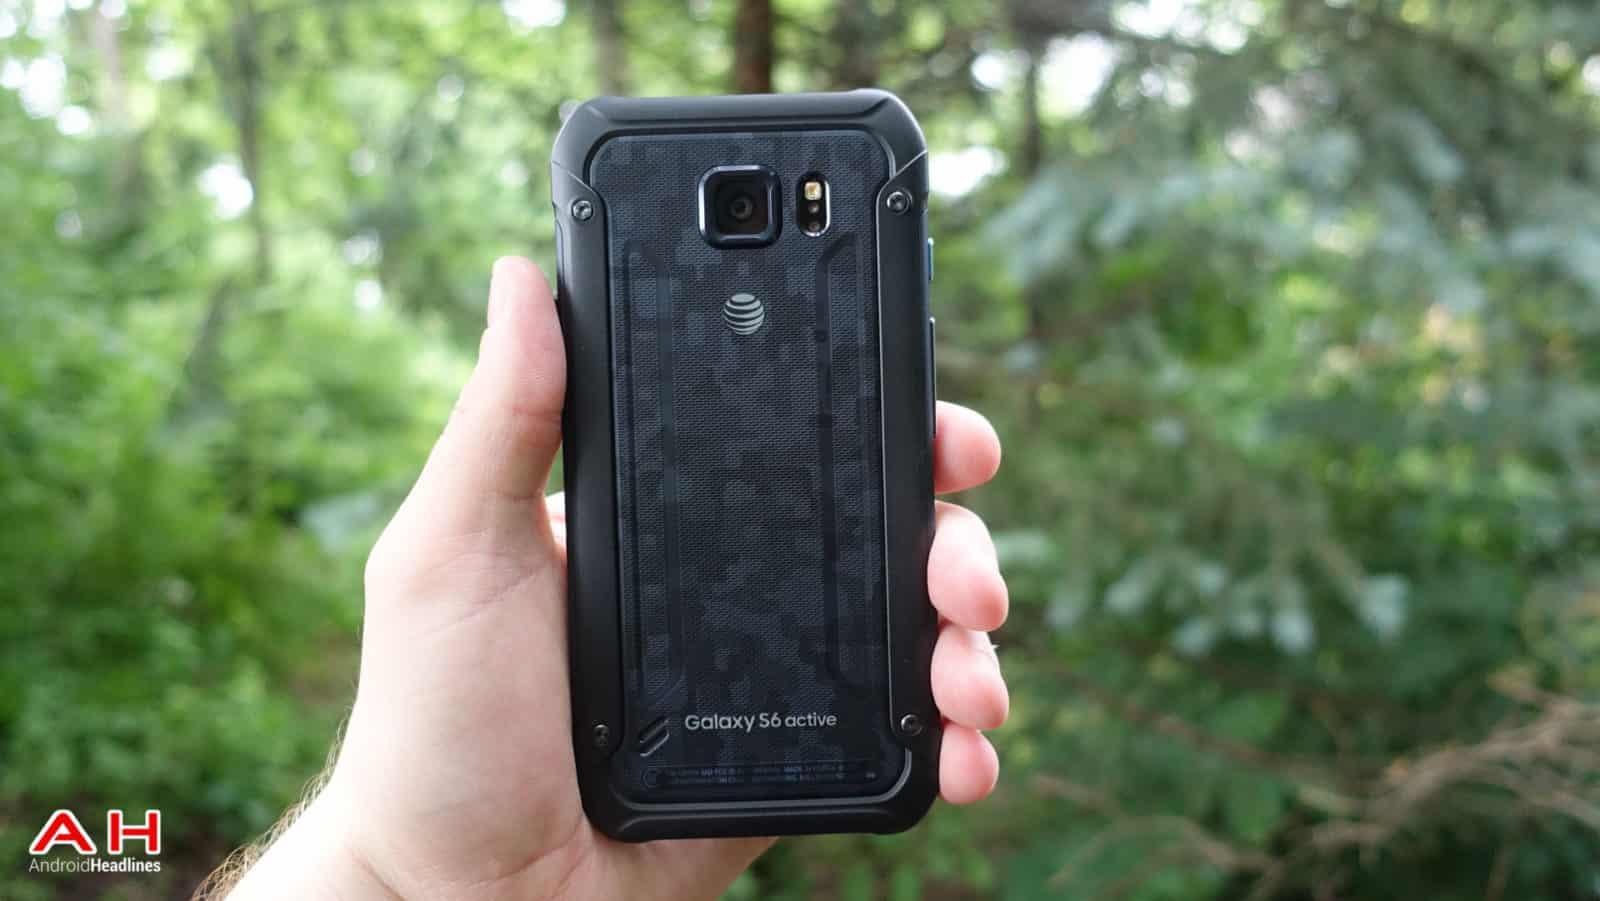 Samsung-Galaxy-S6-Active-AH-14